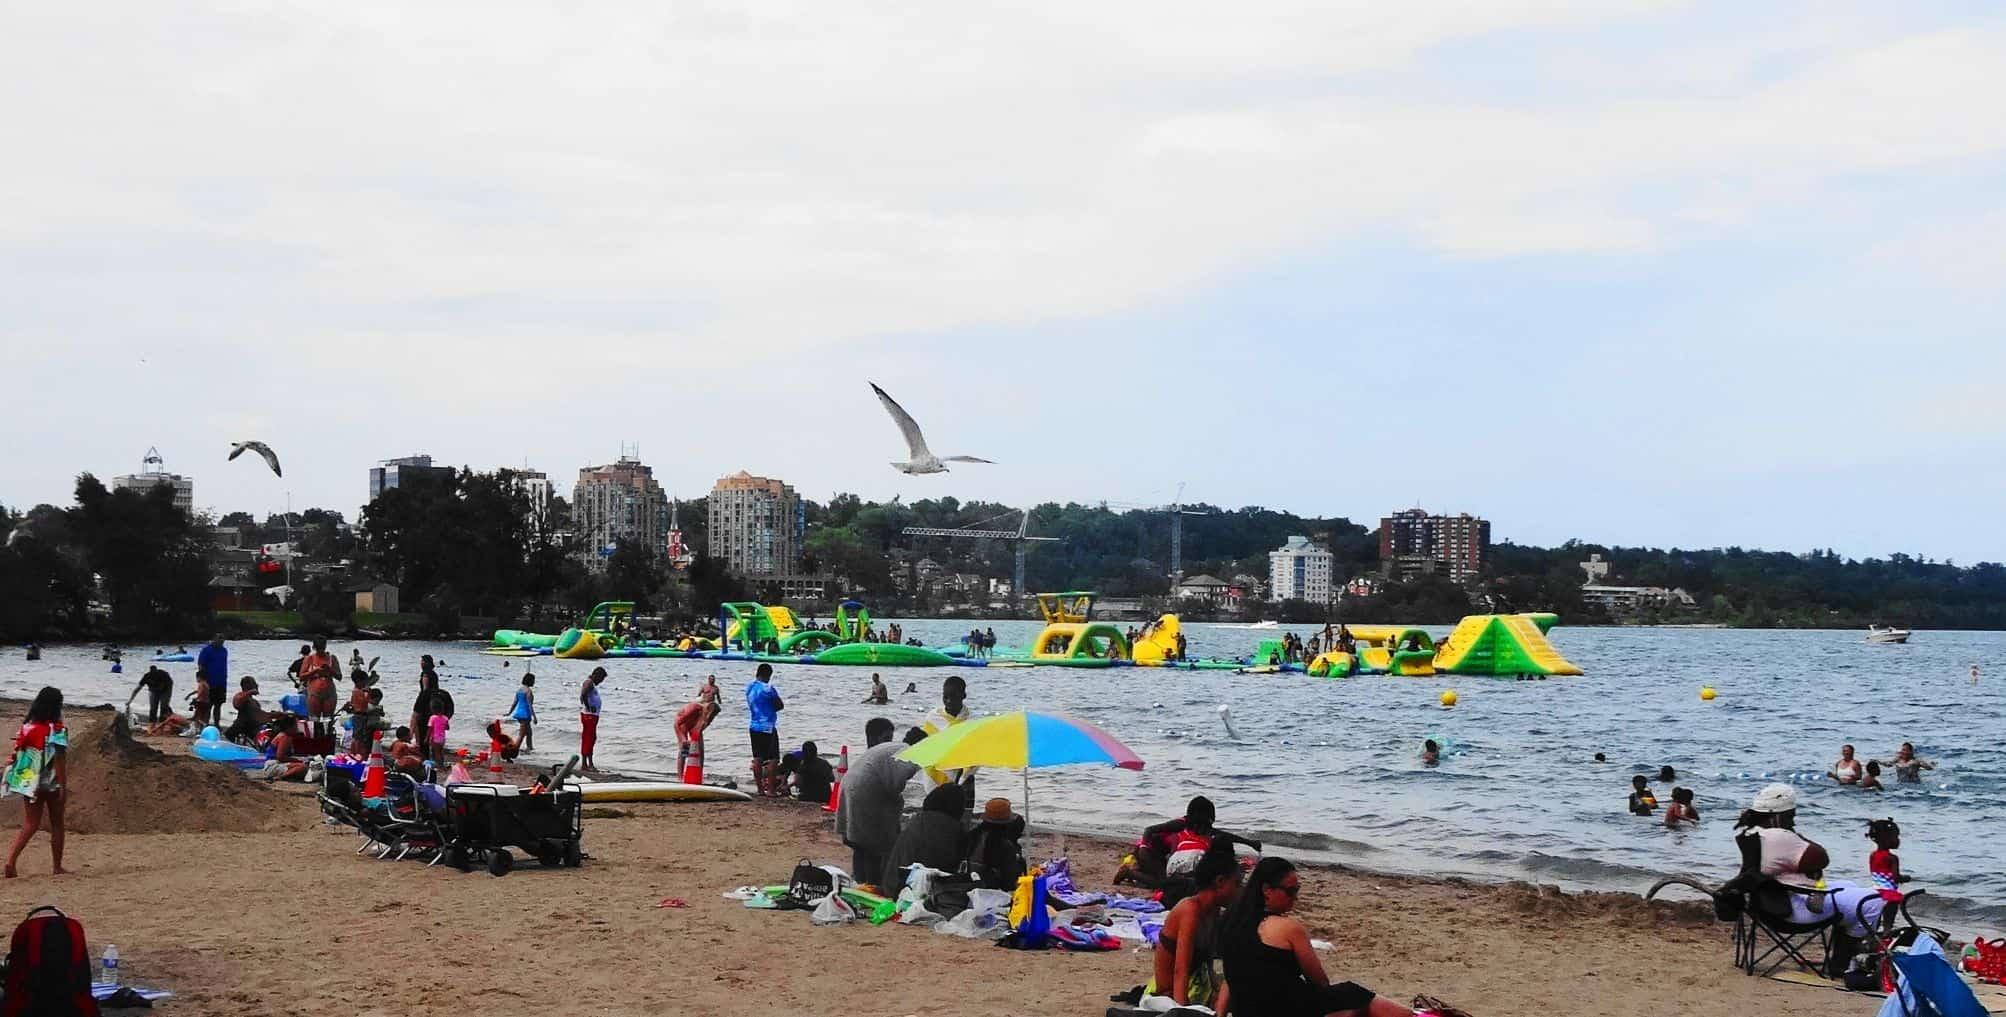 Beach plus Gull